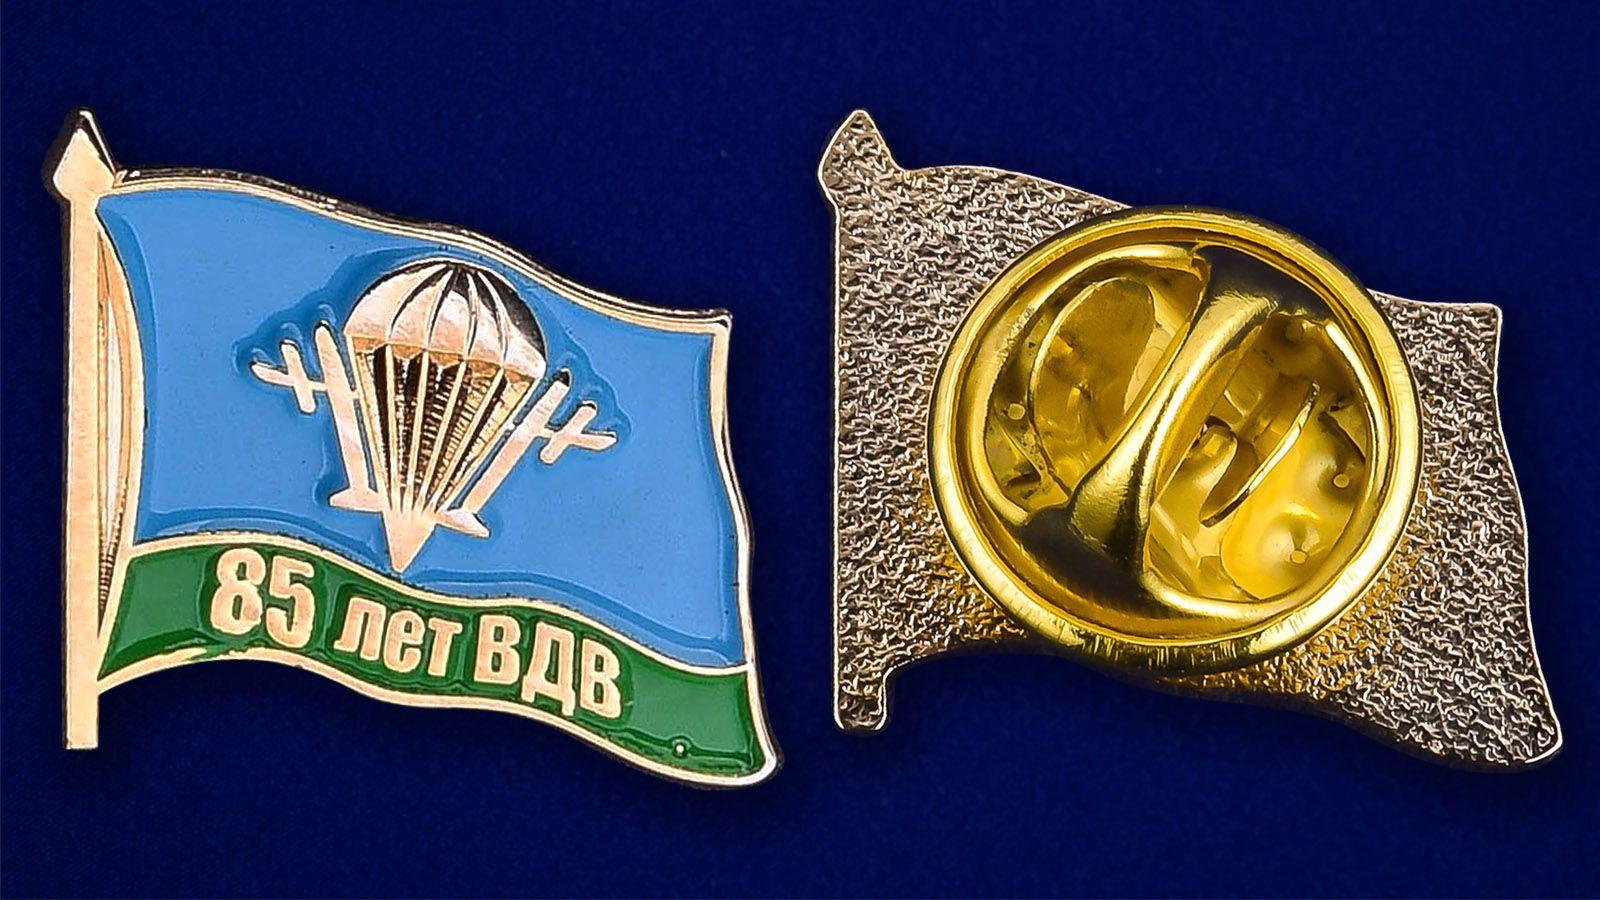 Сувениры к 85-летию ВДВ